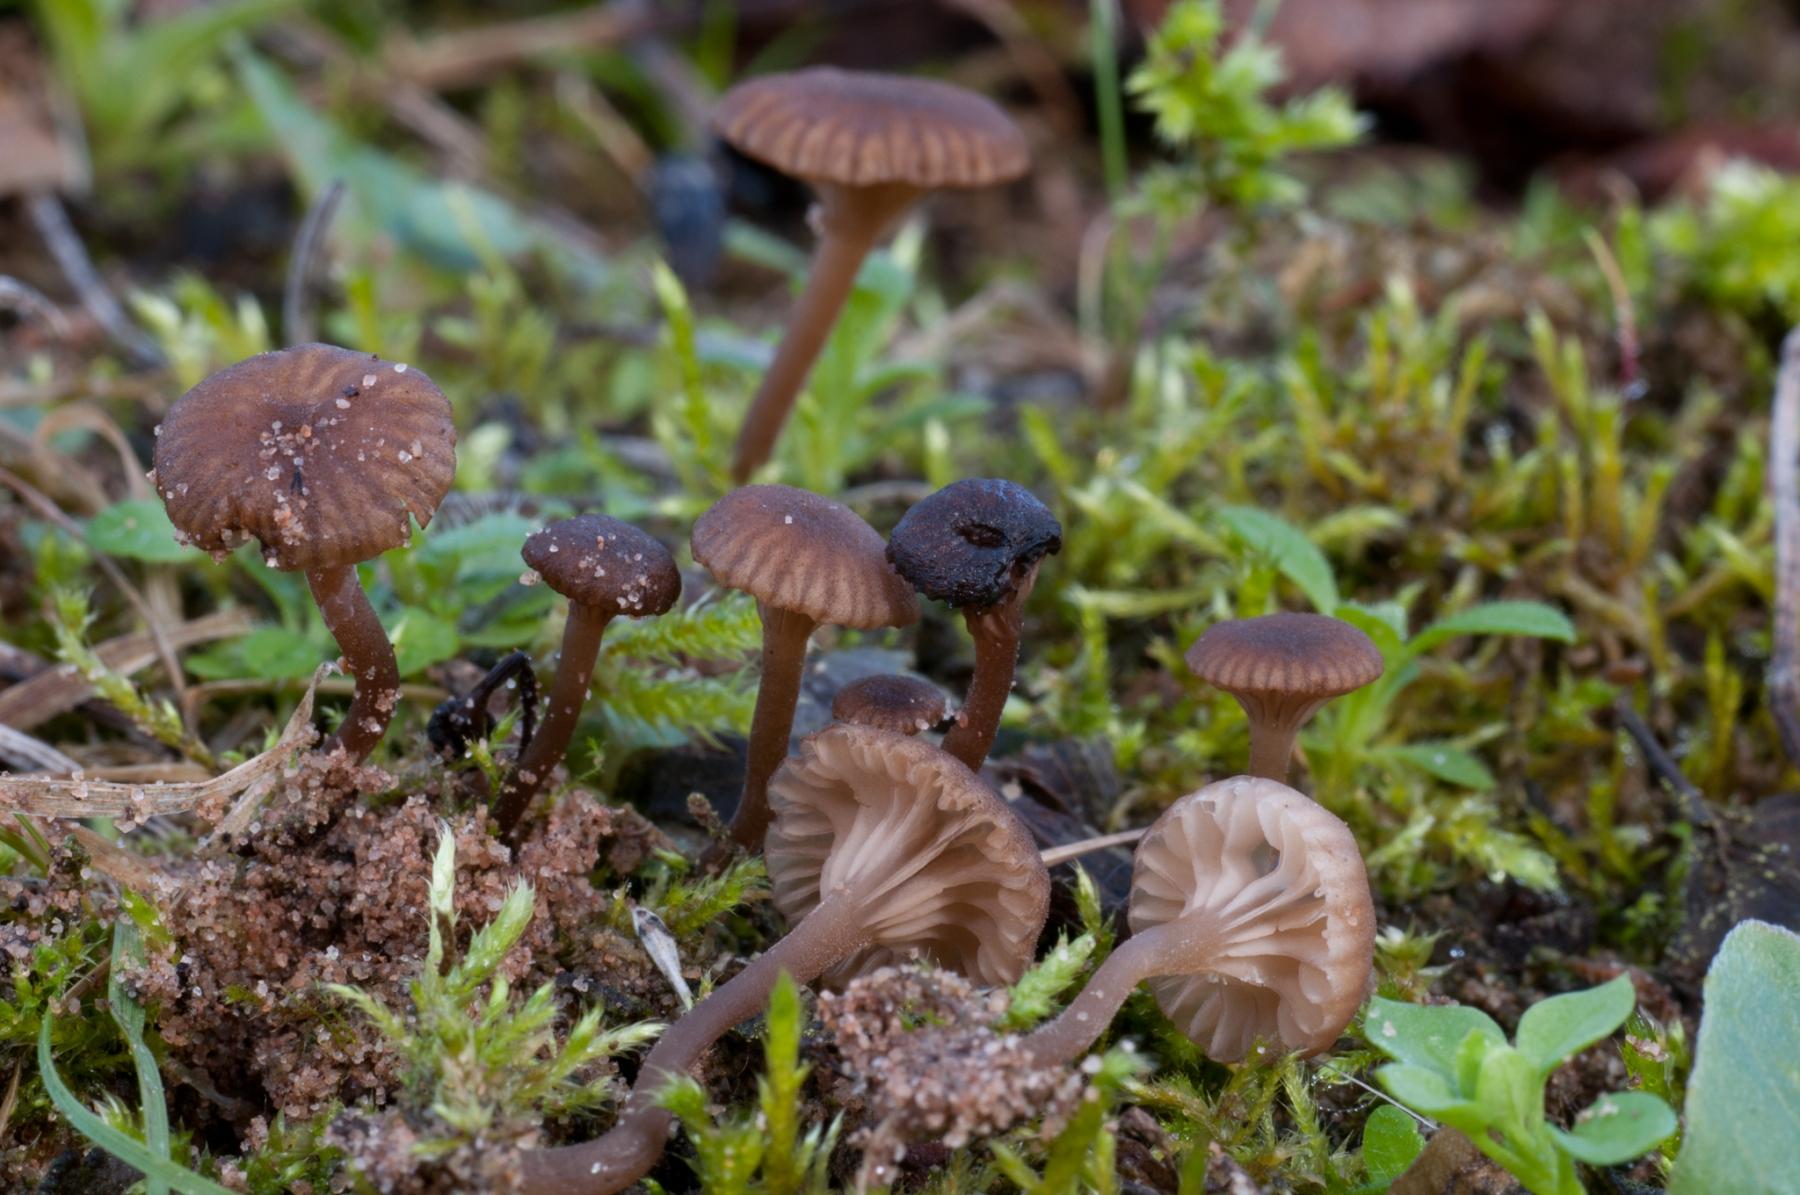 Omphalina griseiphallida, Lound, Notts.